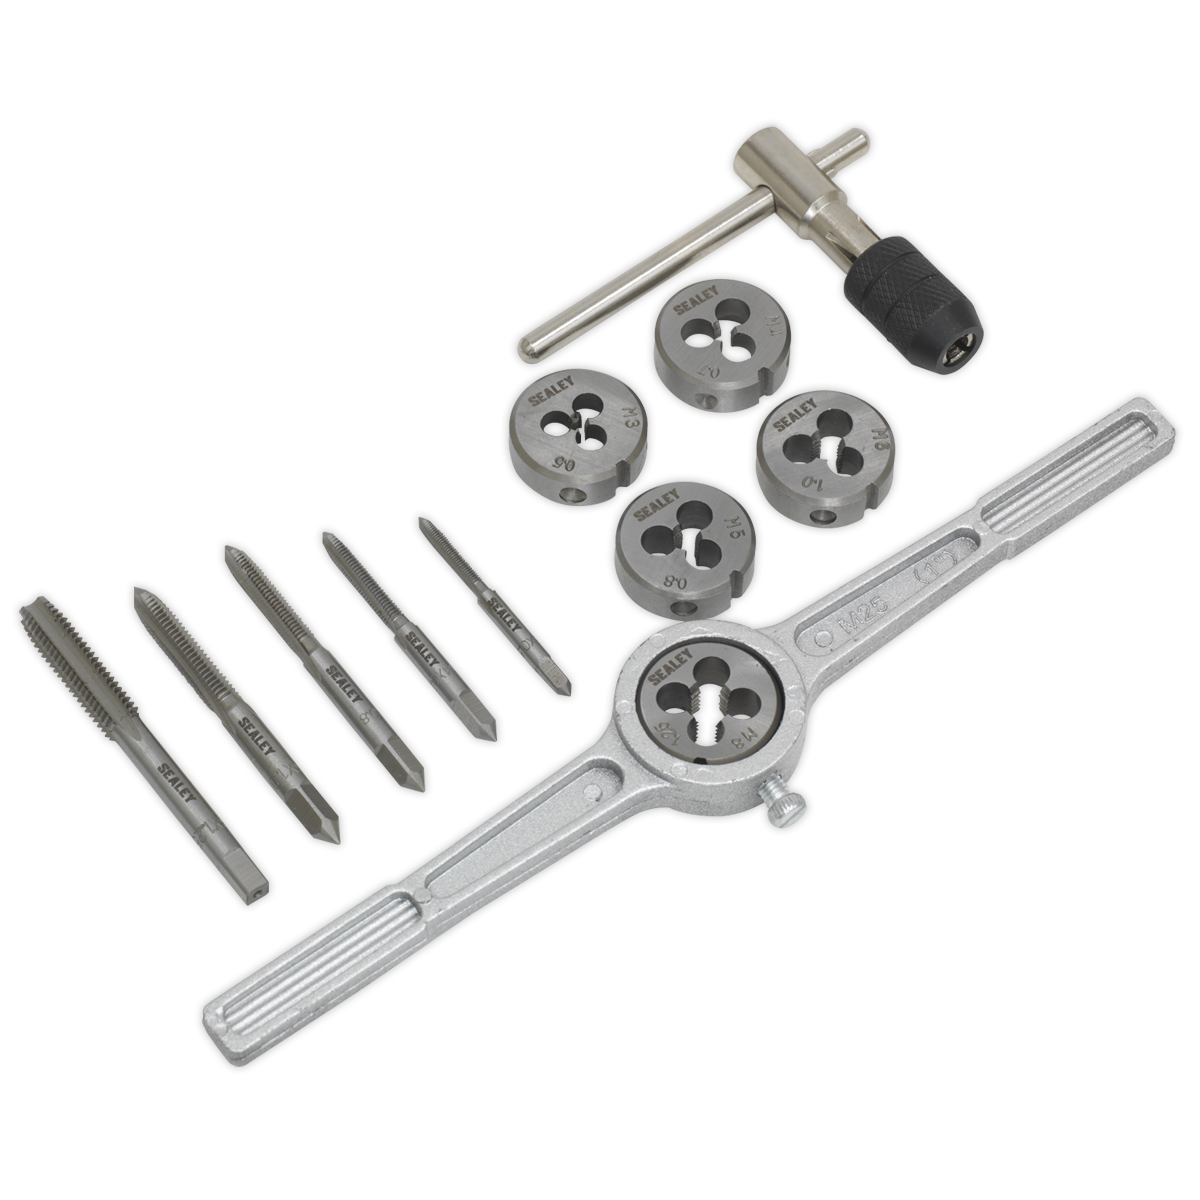 Sealey Tap /& Die Set 32pc Split Dies Metric AK3015